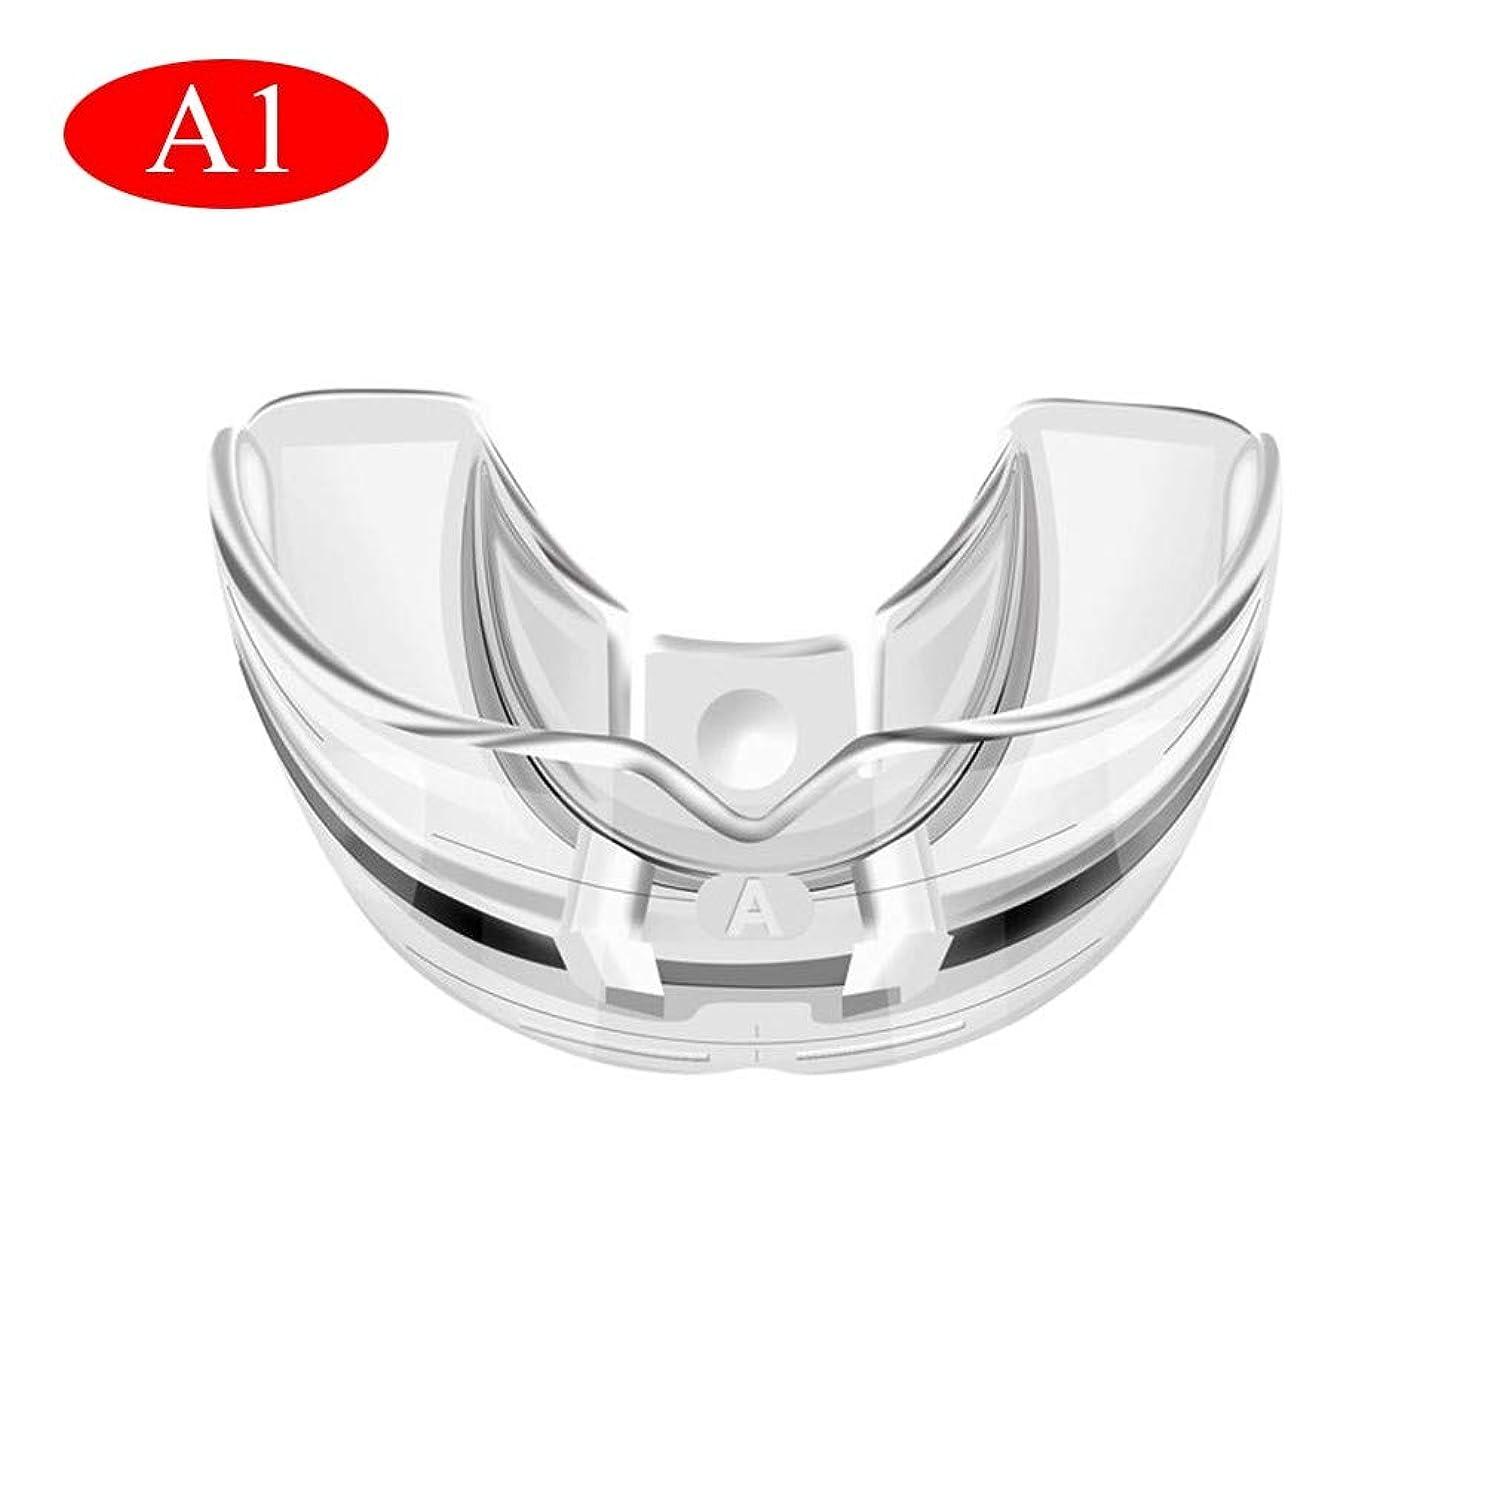 車両リスナー無人歯列矯正器具、歯の状態に応じた3段階/透明で柔らかい、そして硬い歯科用マウスガード歯列矯正器具(透明)